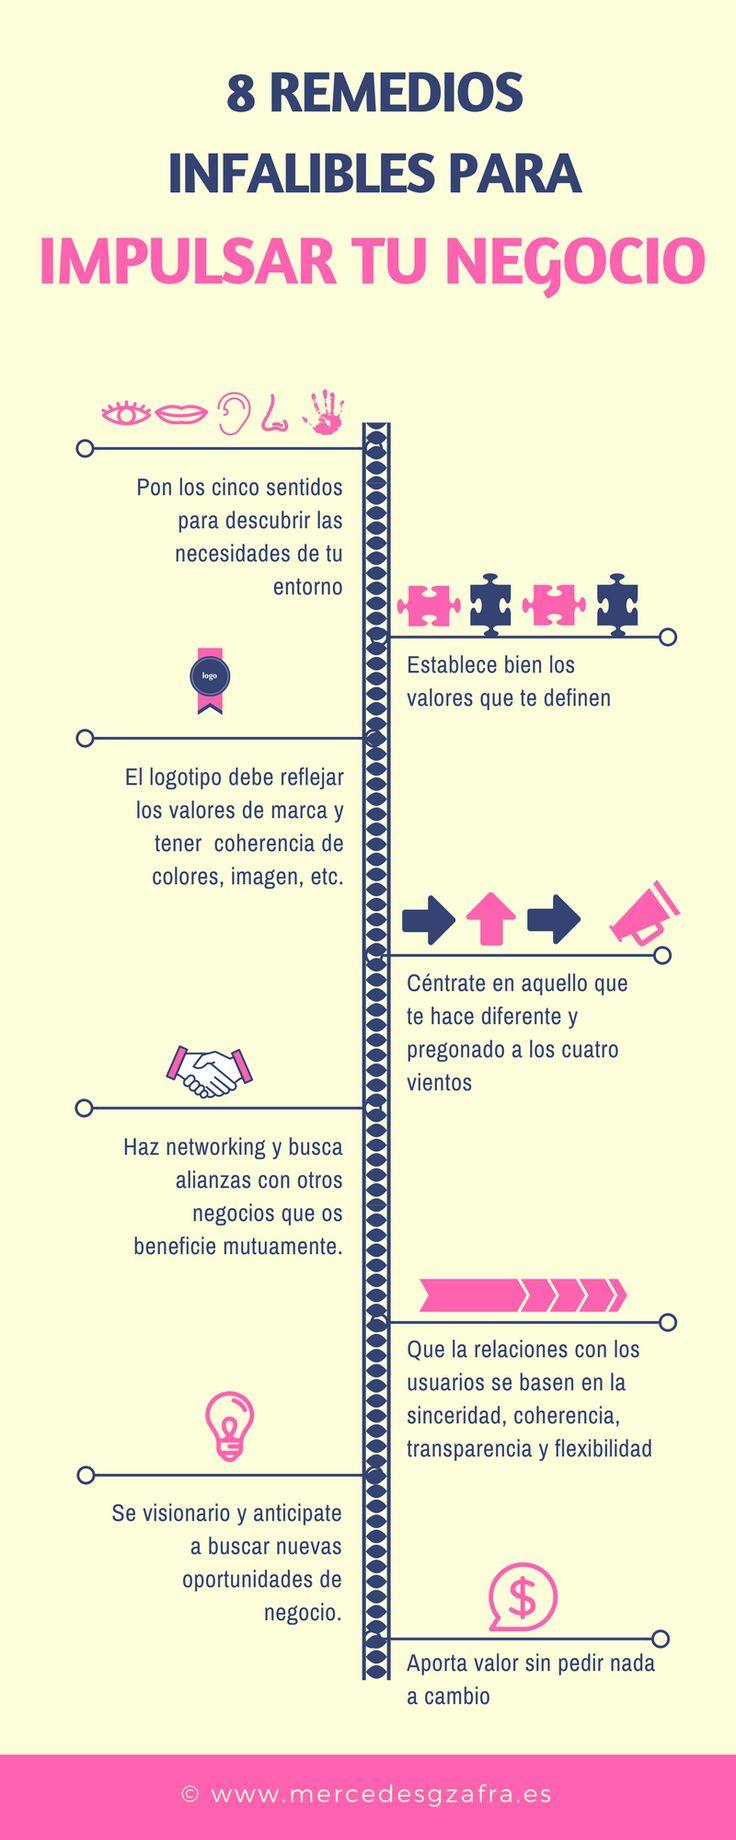 Conoce en la siguiente #infografia 8 remedios infalibles para impulsar tu negocio. #Marketing #pymes #pyme #estrategia #MarketingDigital